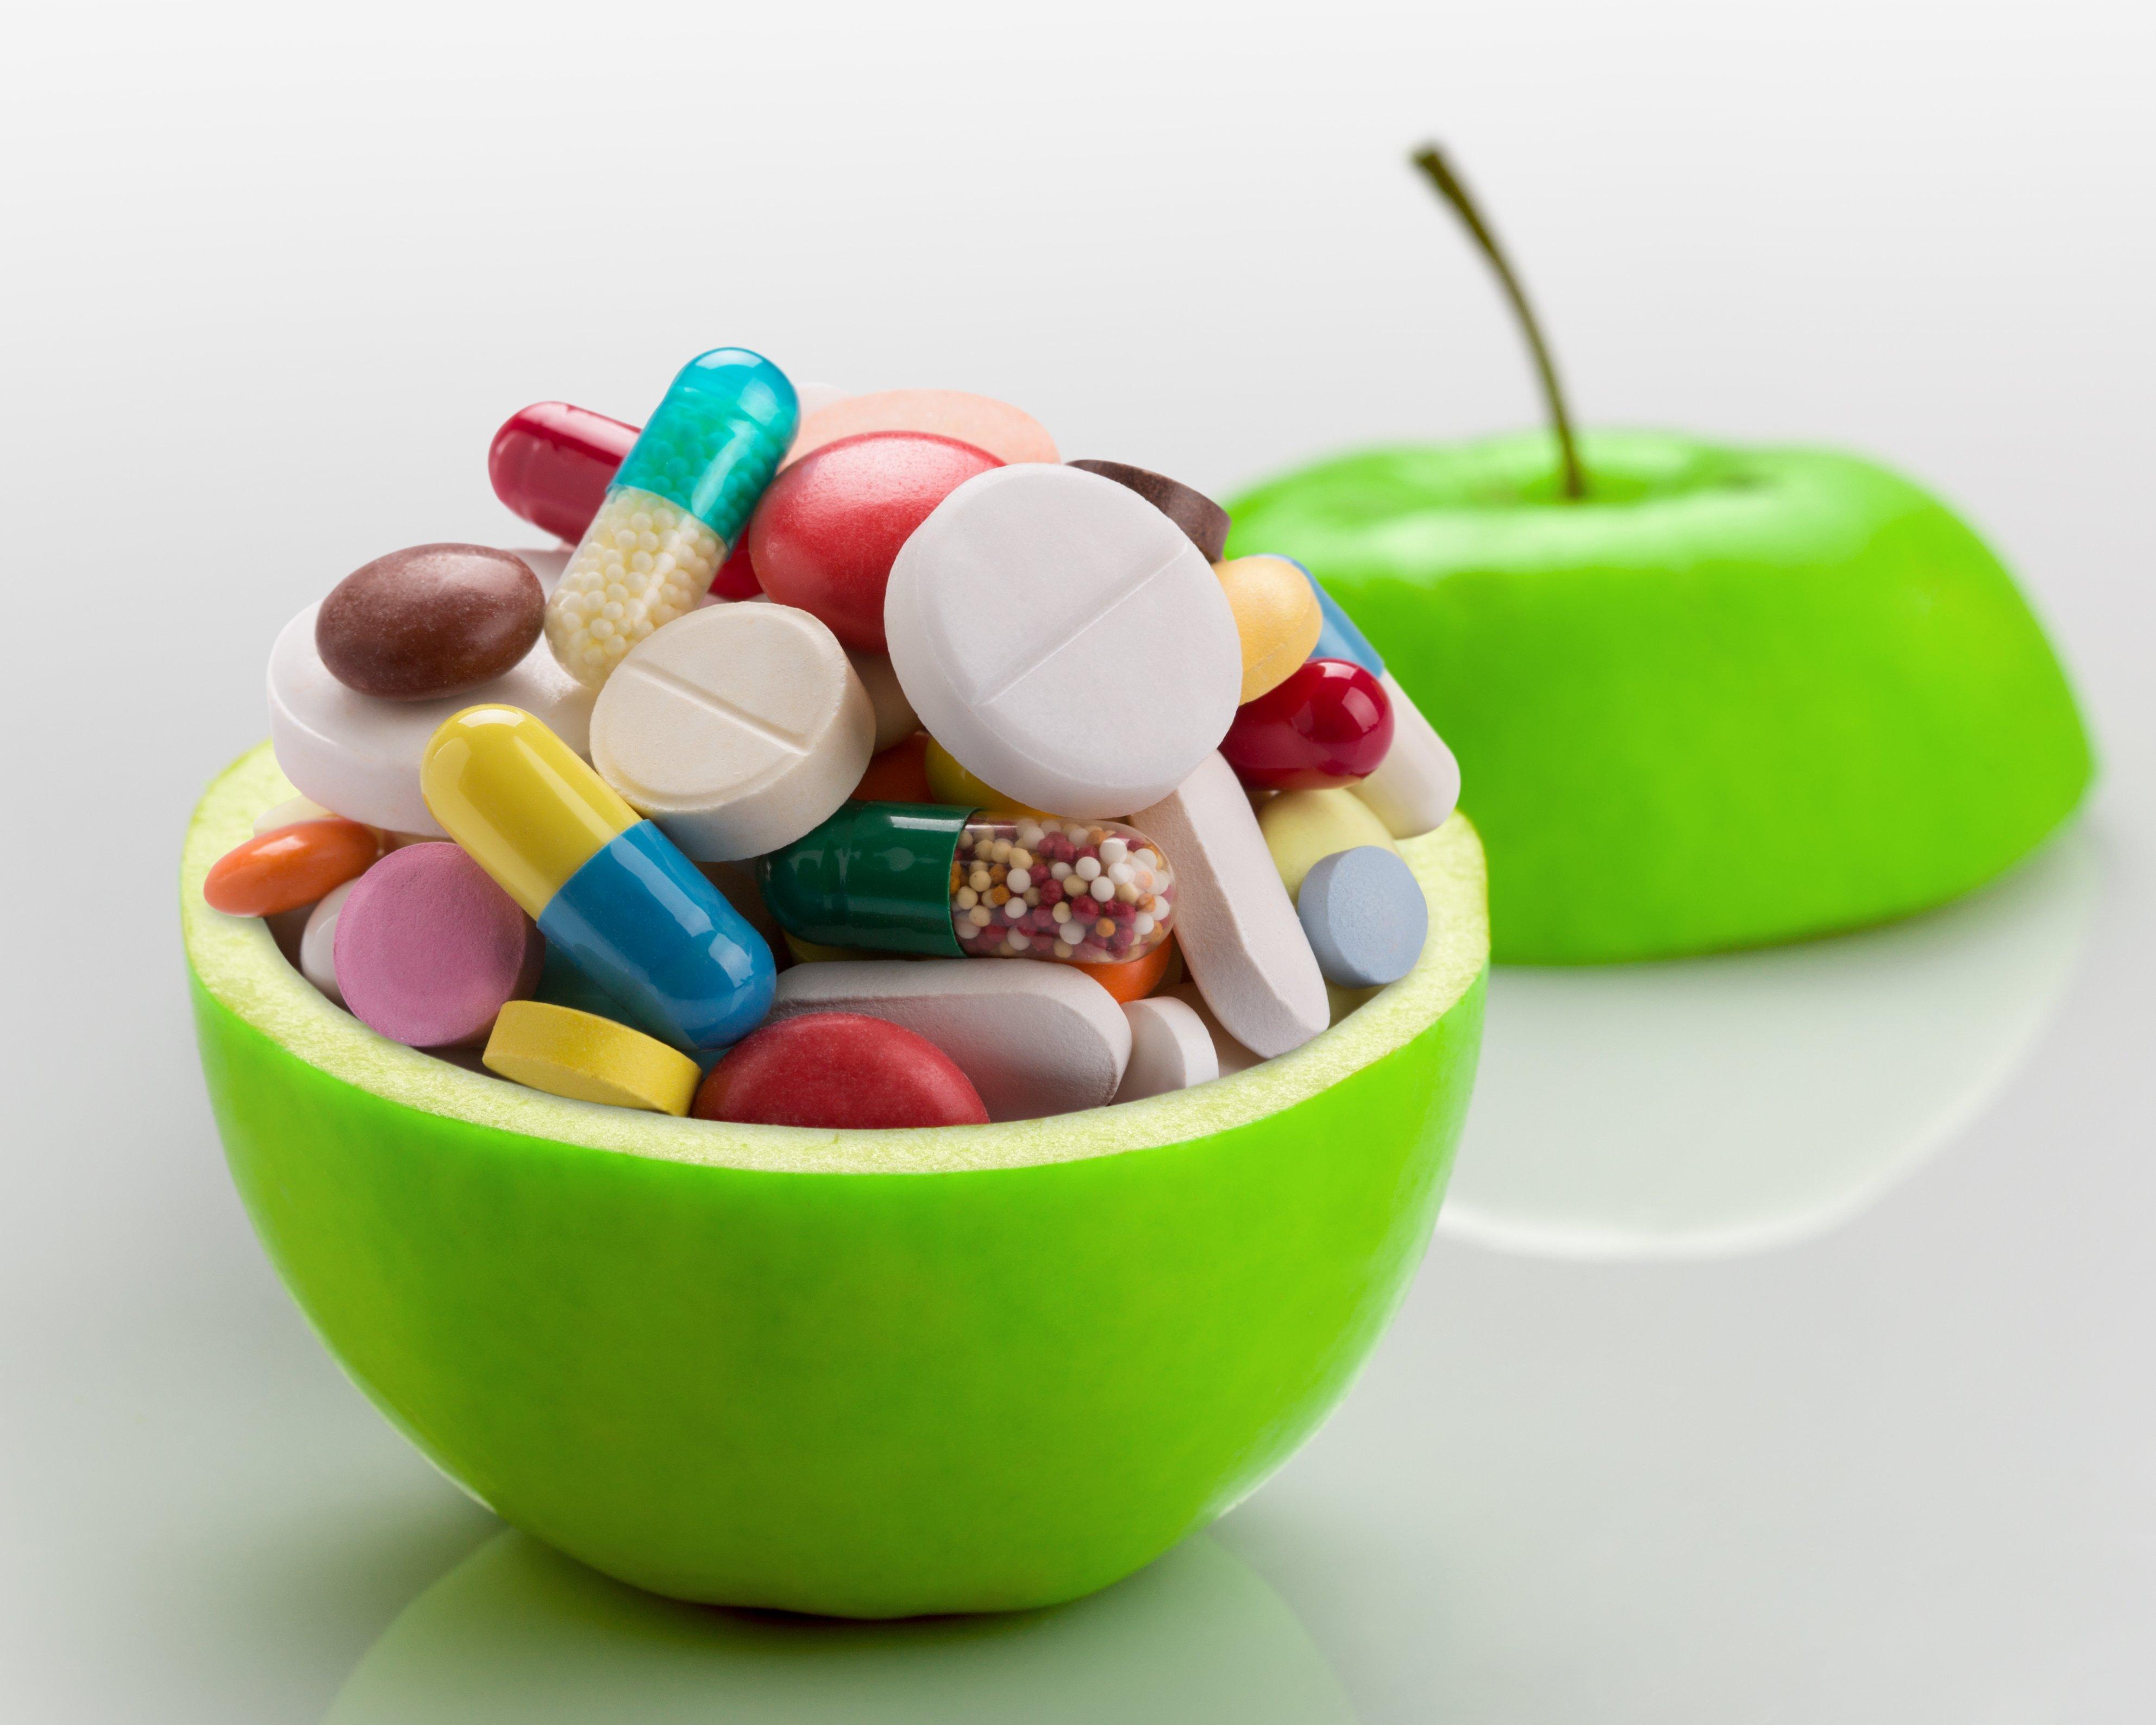 Las 9 peores dietas para adelgazar que afectan tu cuerpo